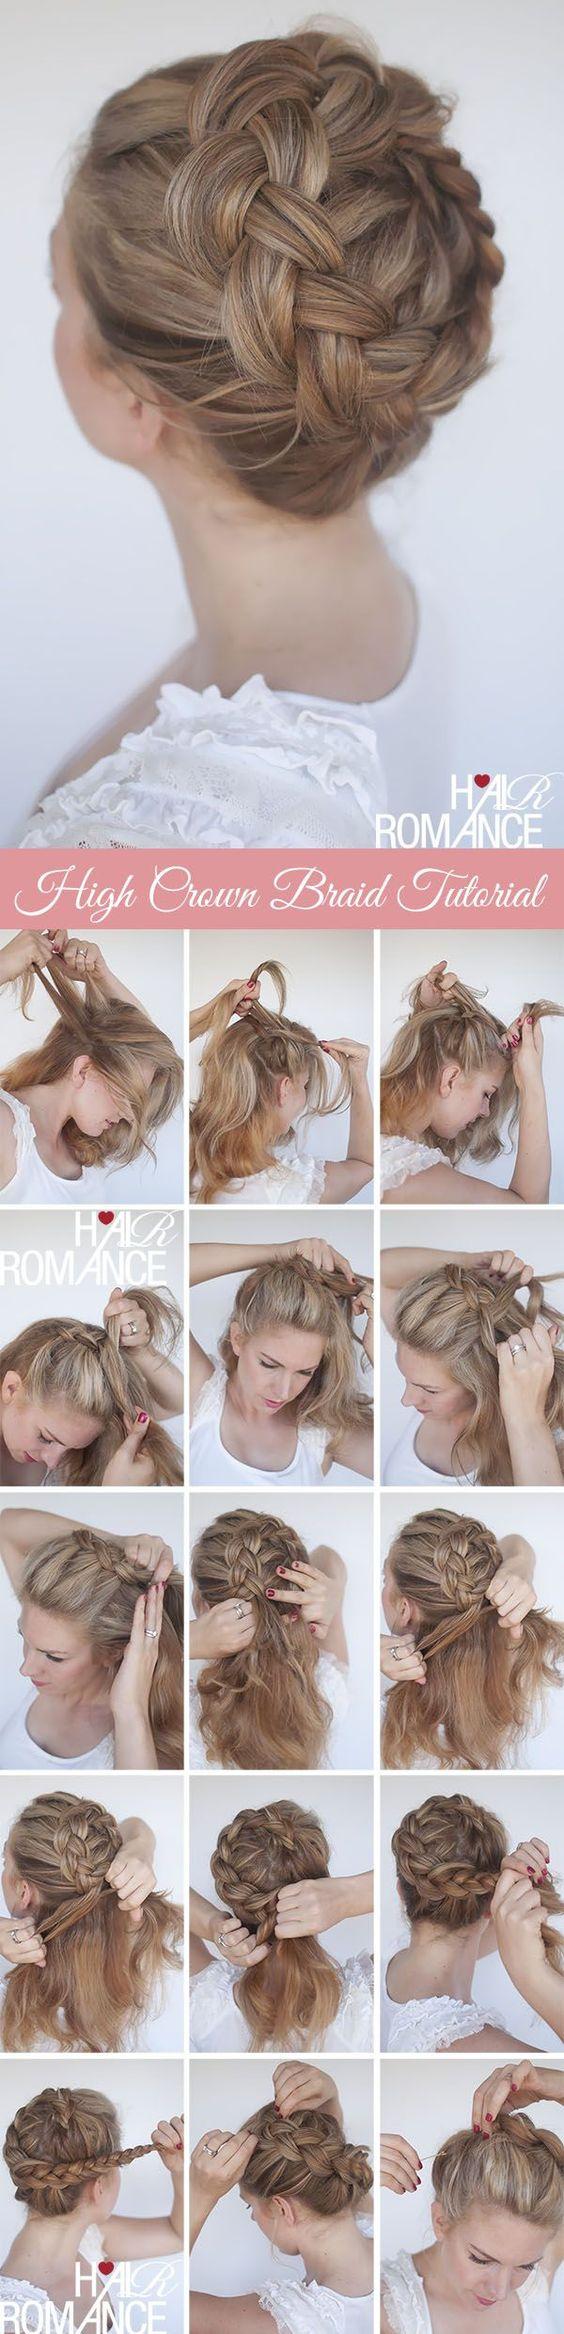 Pretty Hair Crown Hairstyle Tutorial